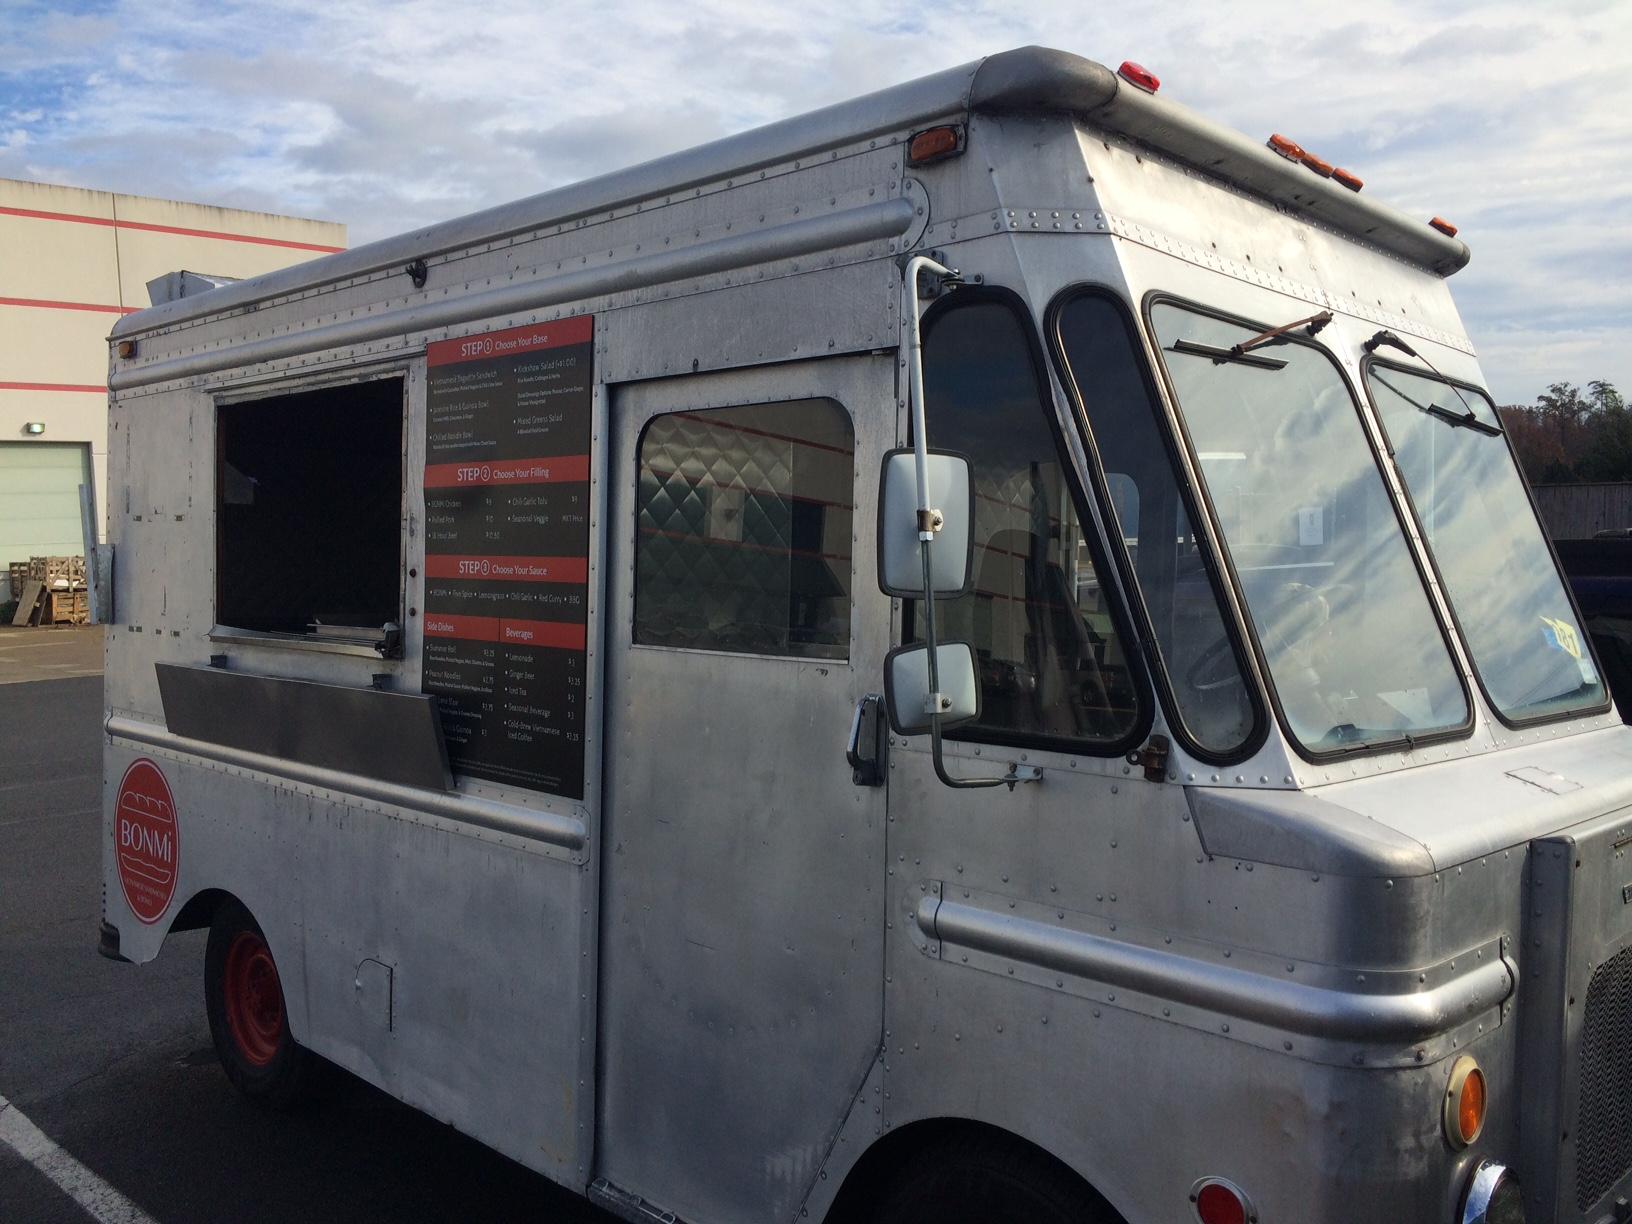 Vintage Food Truck For Sale!